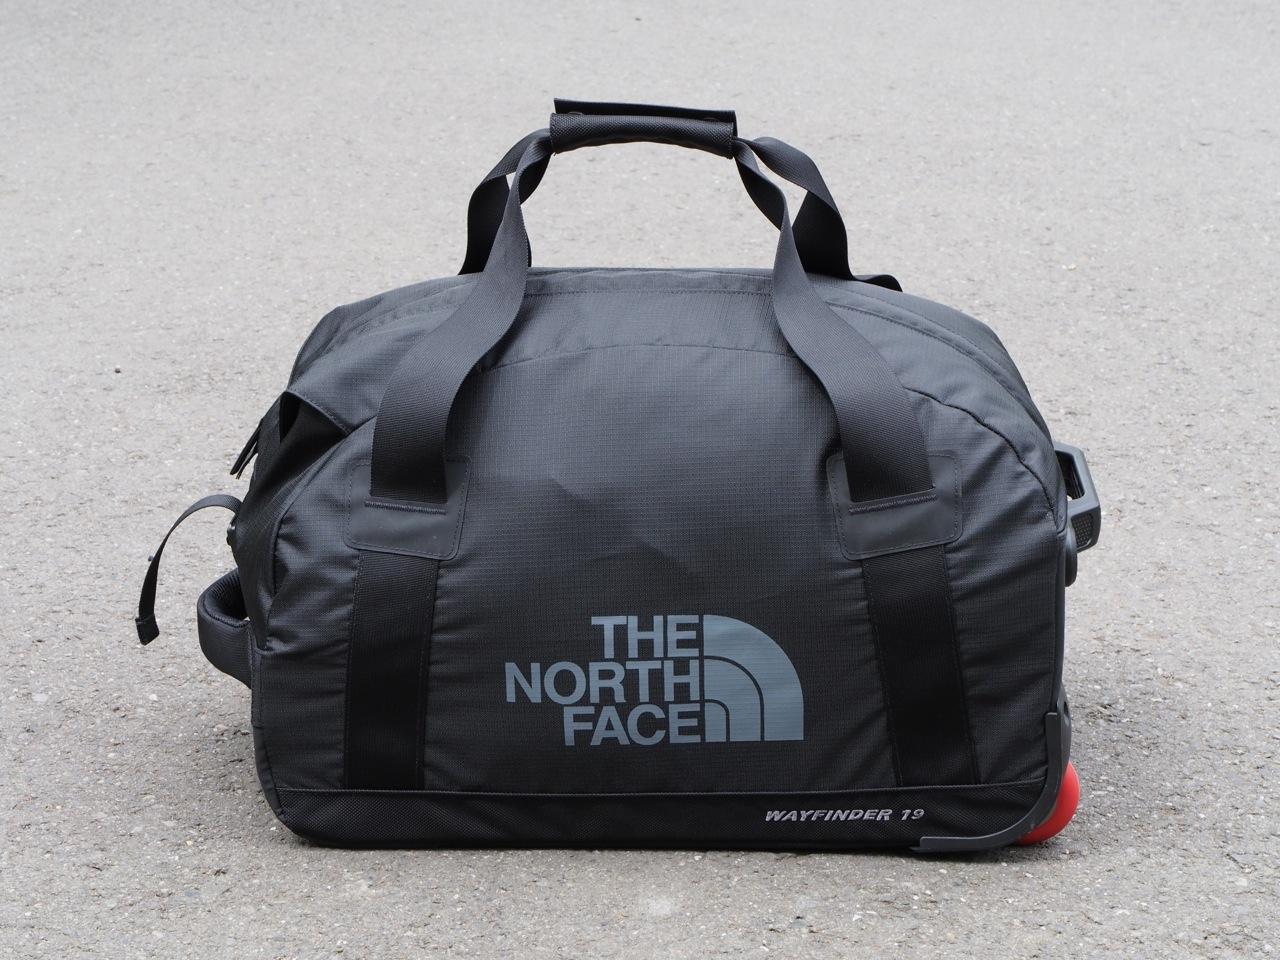 キャスター付き小旅行用ソフトバッグ